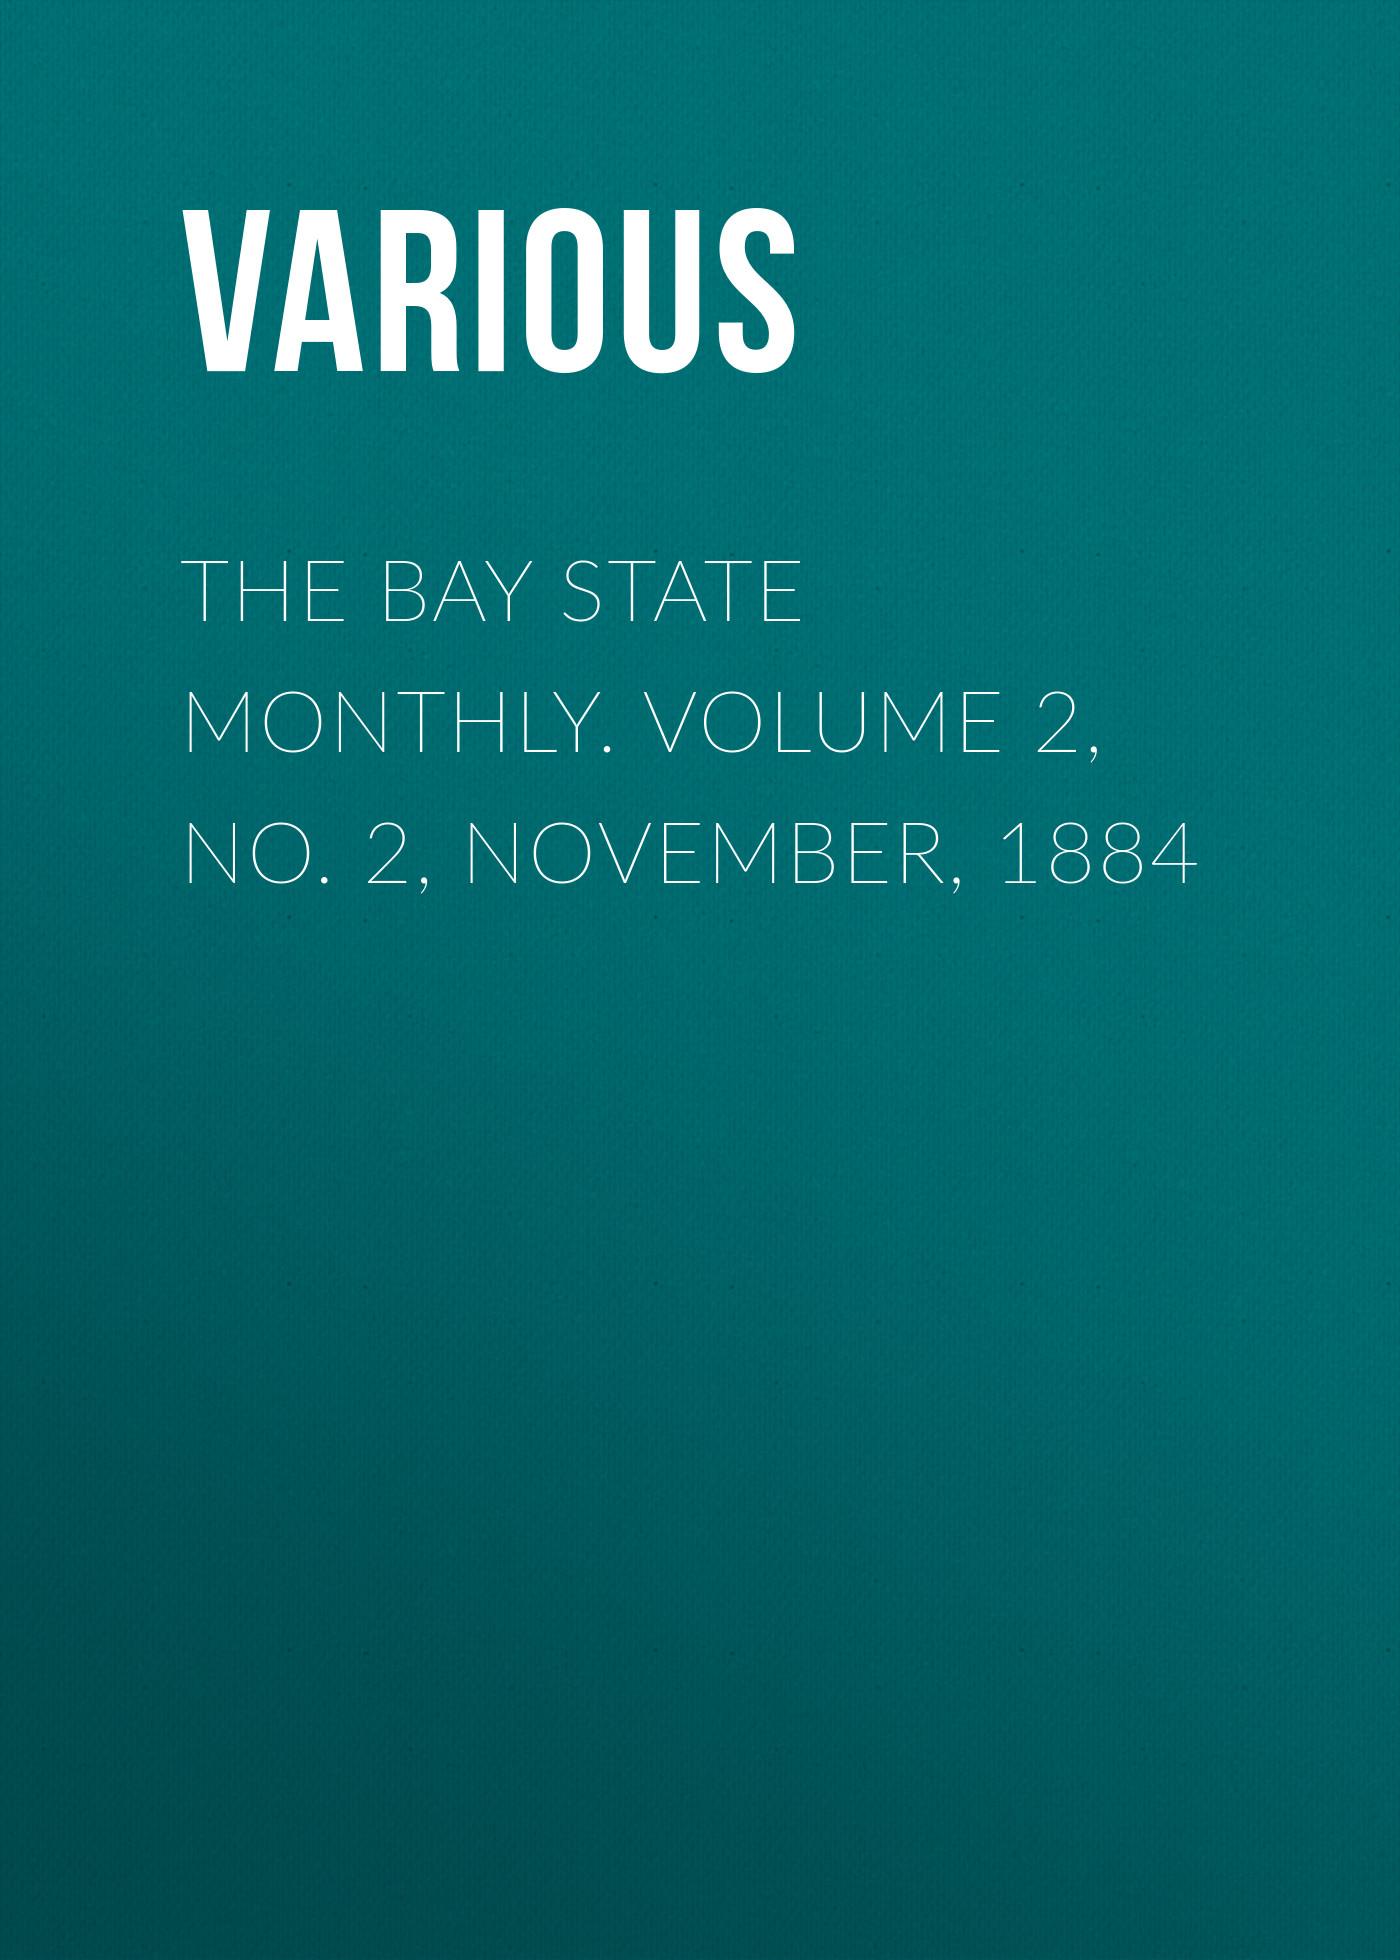 лучшая цена Various The Bay State Monthly. Volume 2, No. 2, November, 1884